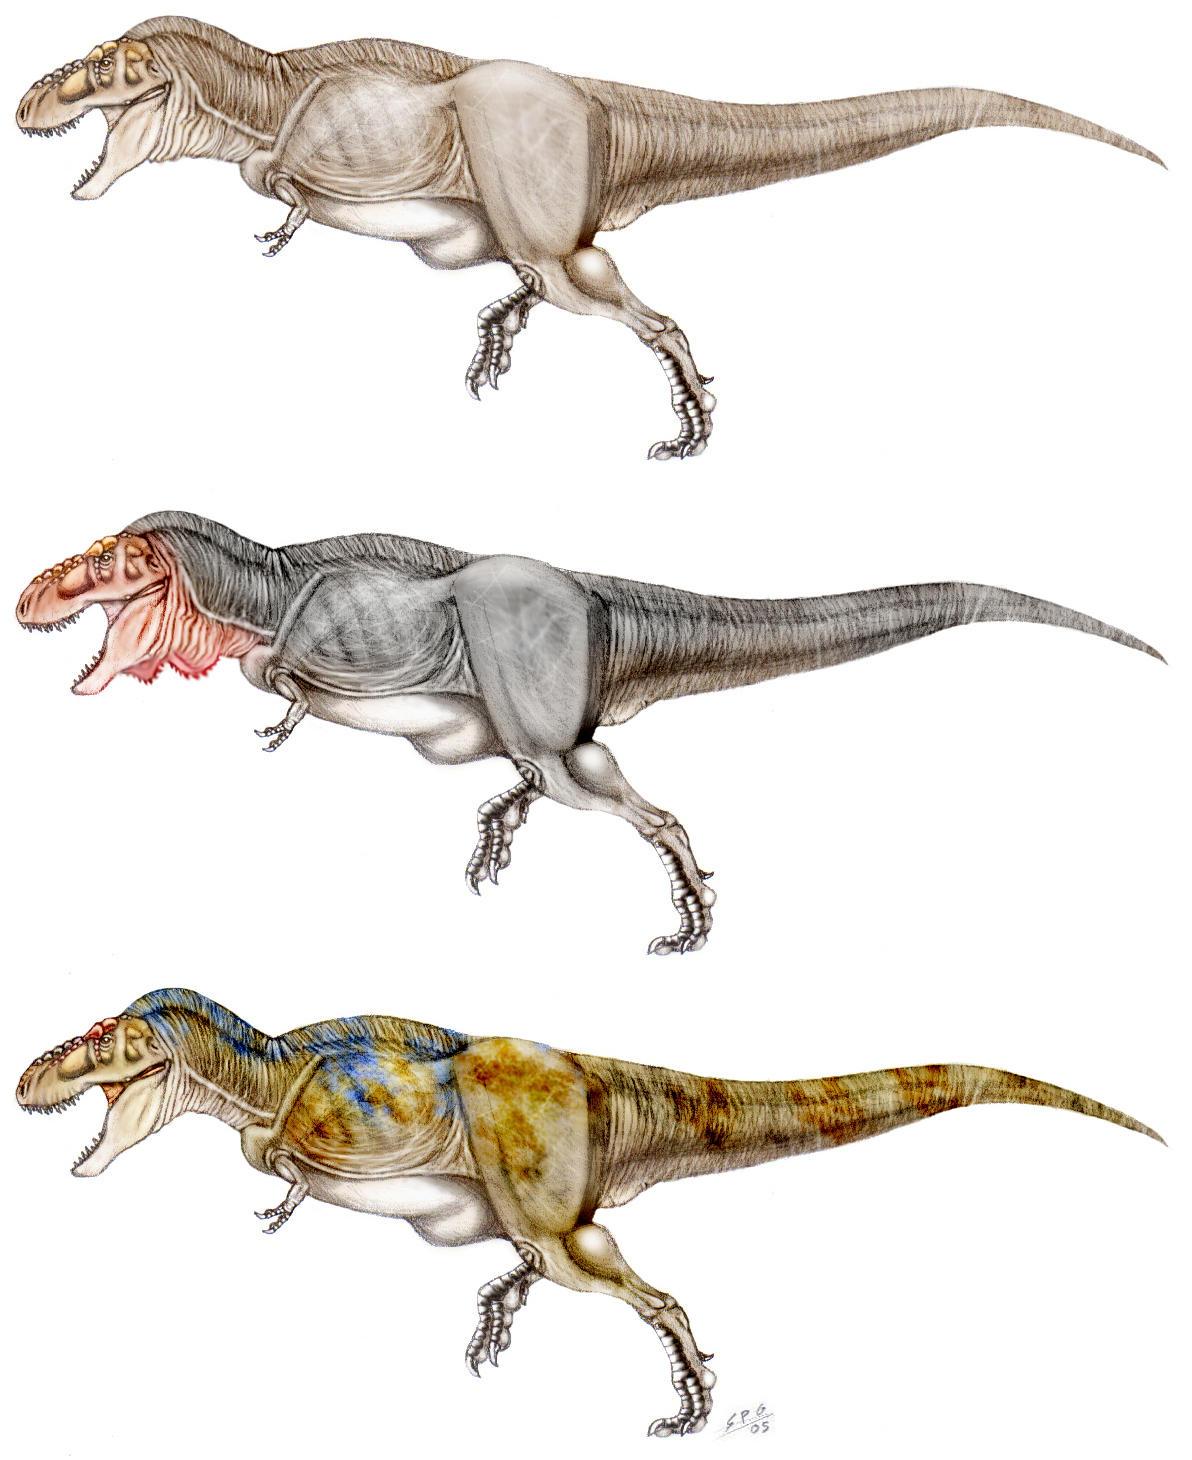 Male tyrannosaurus rex male tyrannosaurus rex for Tyrannosaurus